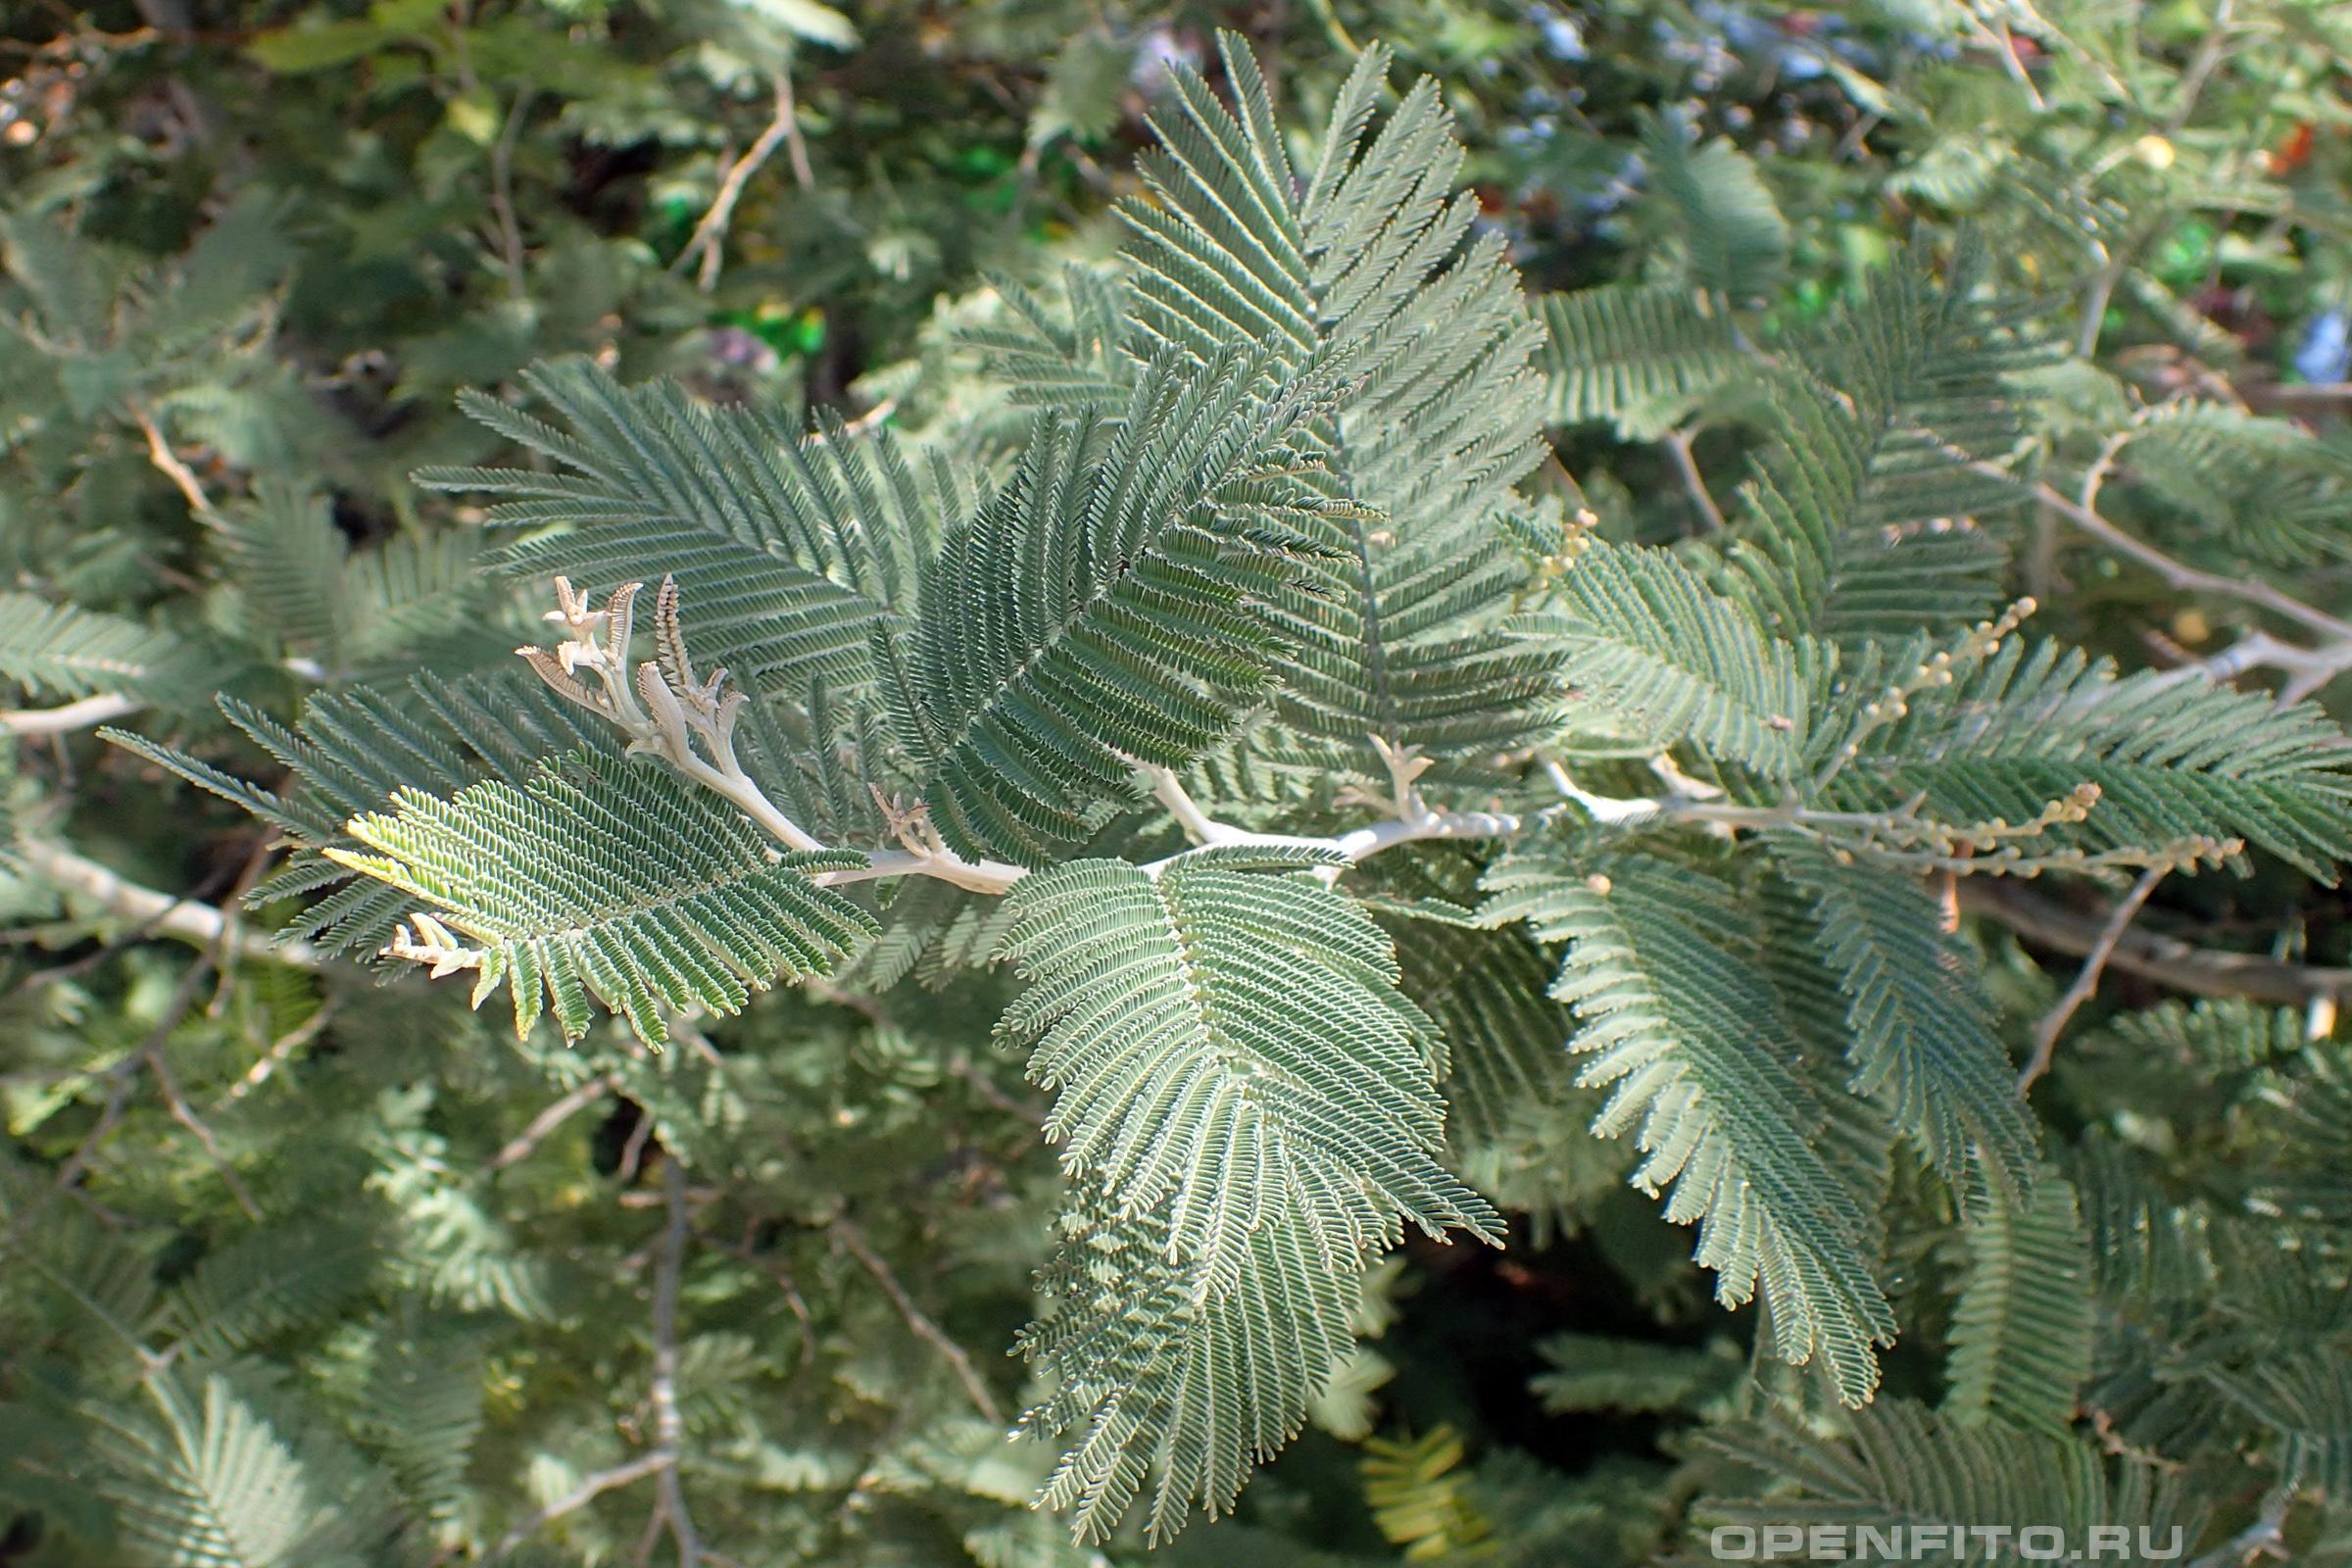 Акация подбеленная молодые листья дерева